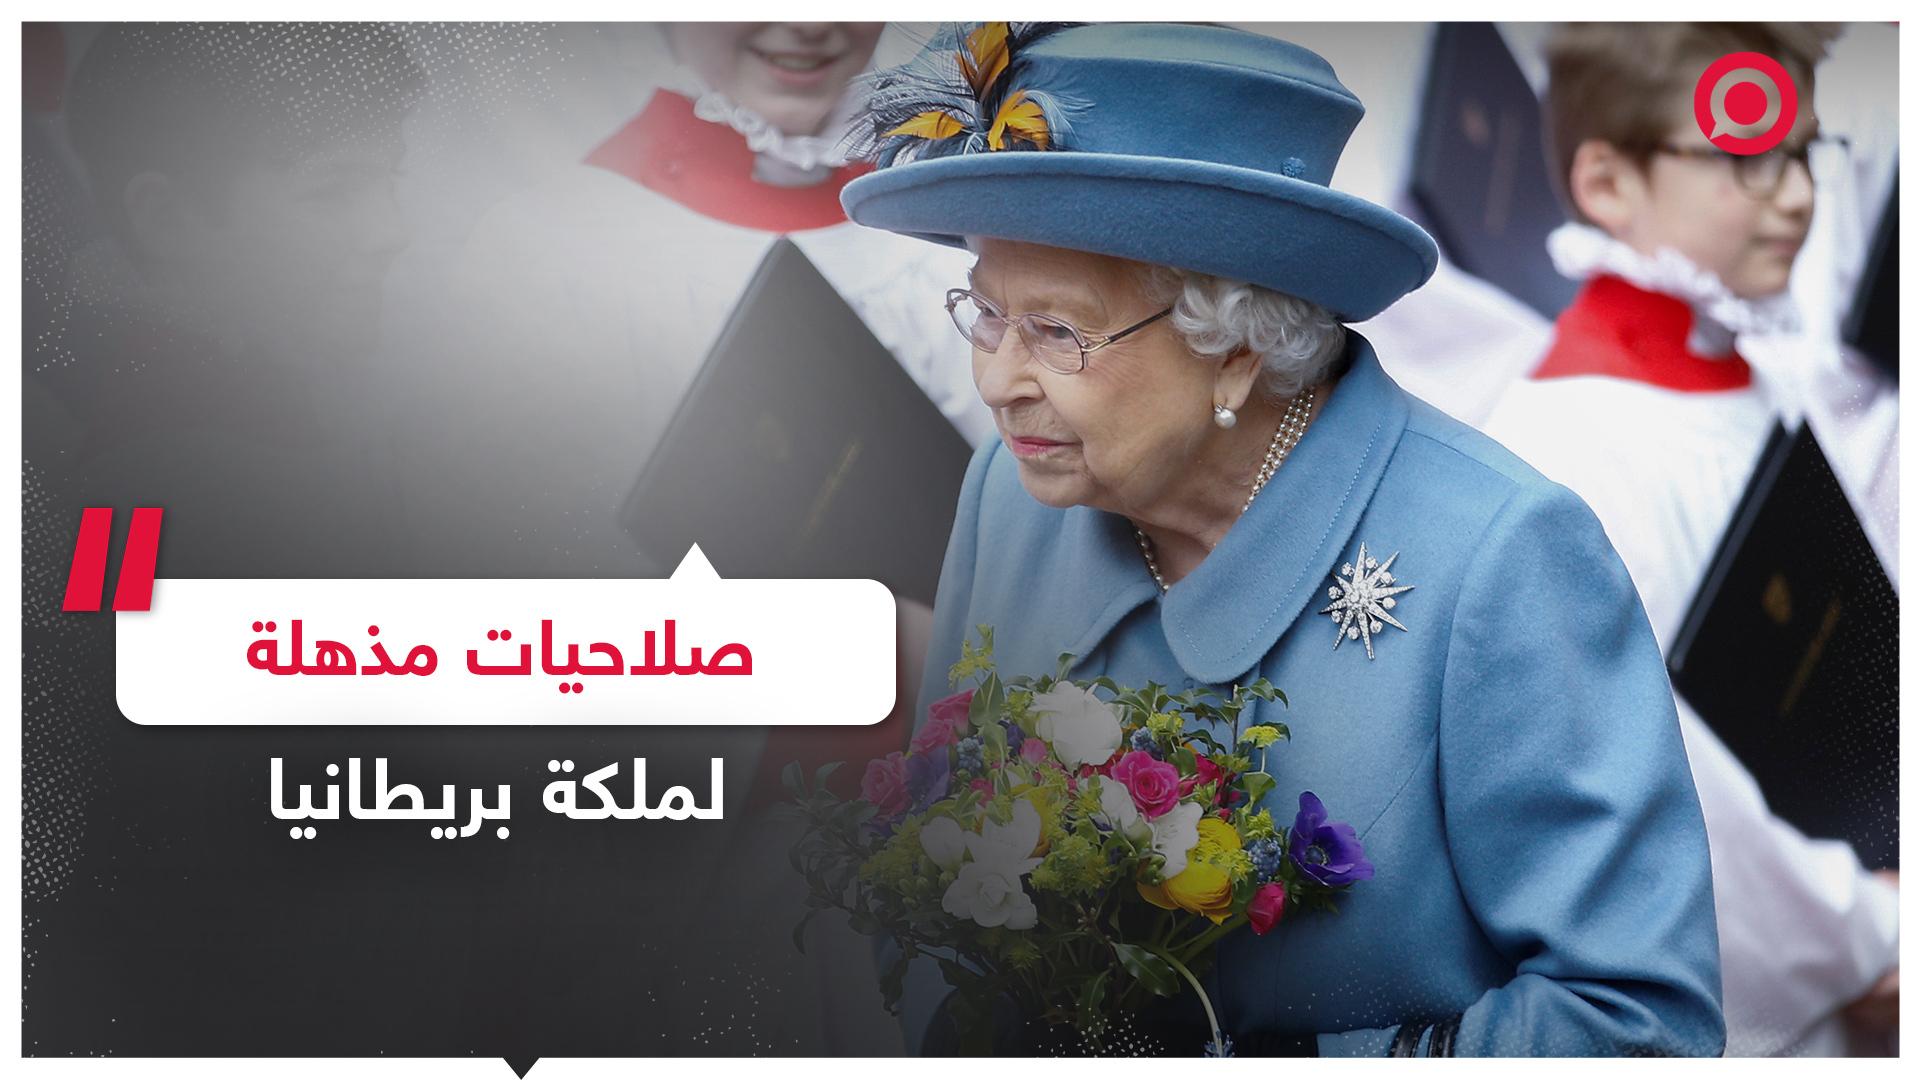 صلاحيات عجيبة ومذهلة تتمتع بها ملكة بريطانيا